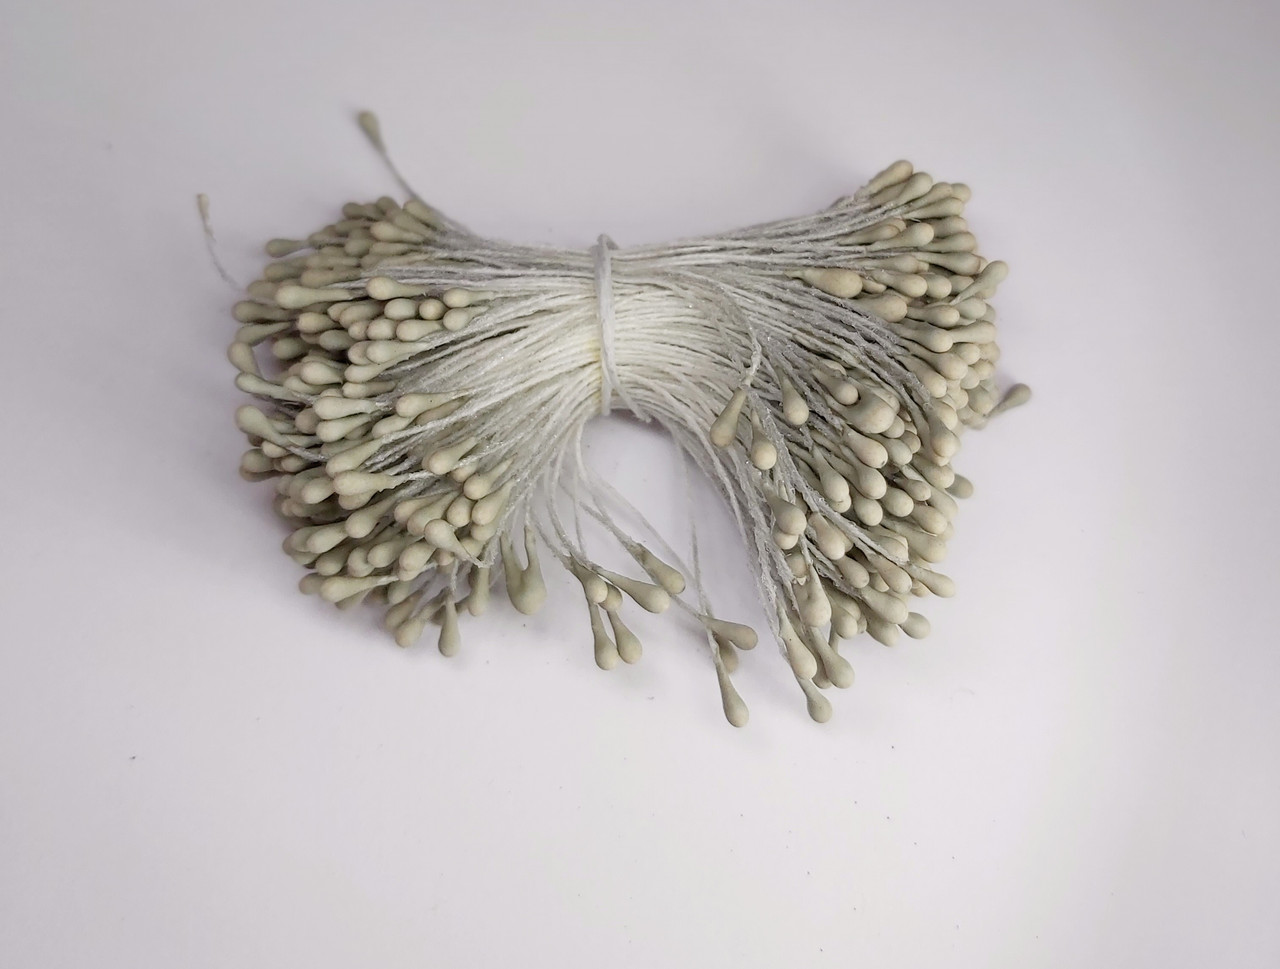 Тичинки штучні 5,5 см, 300 шт. матові ванільні